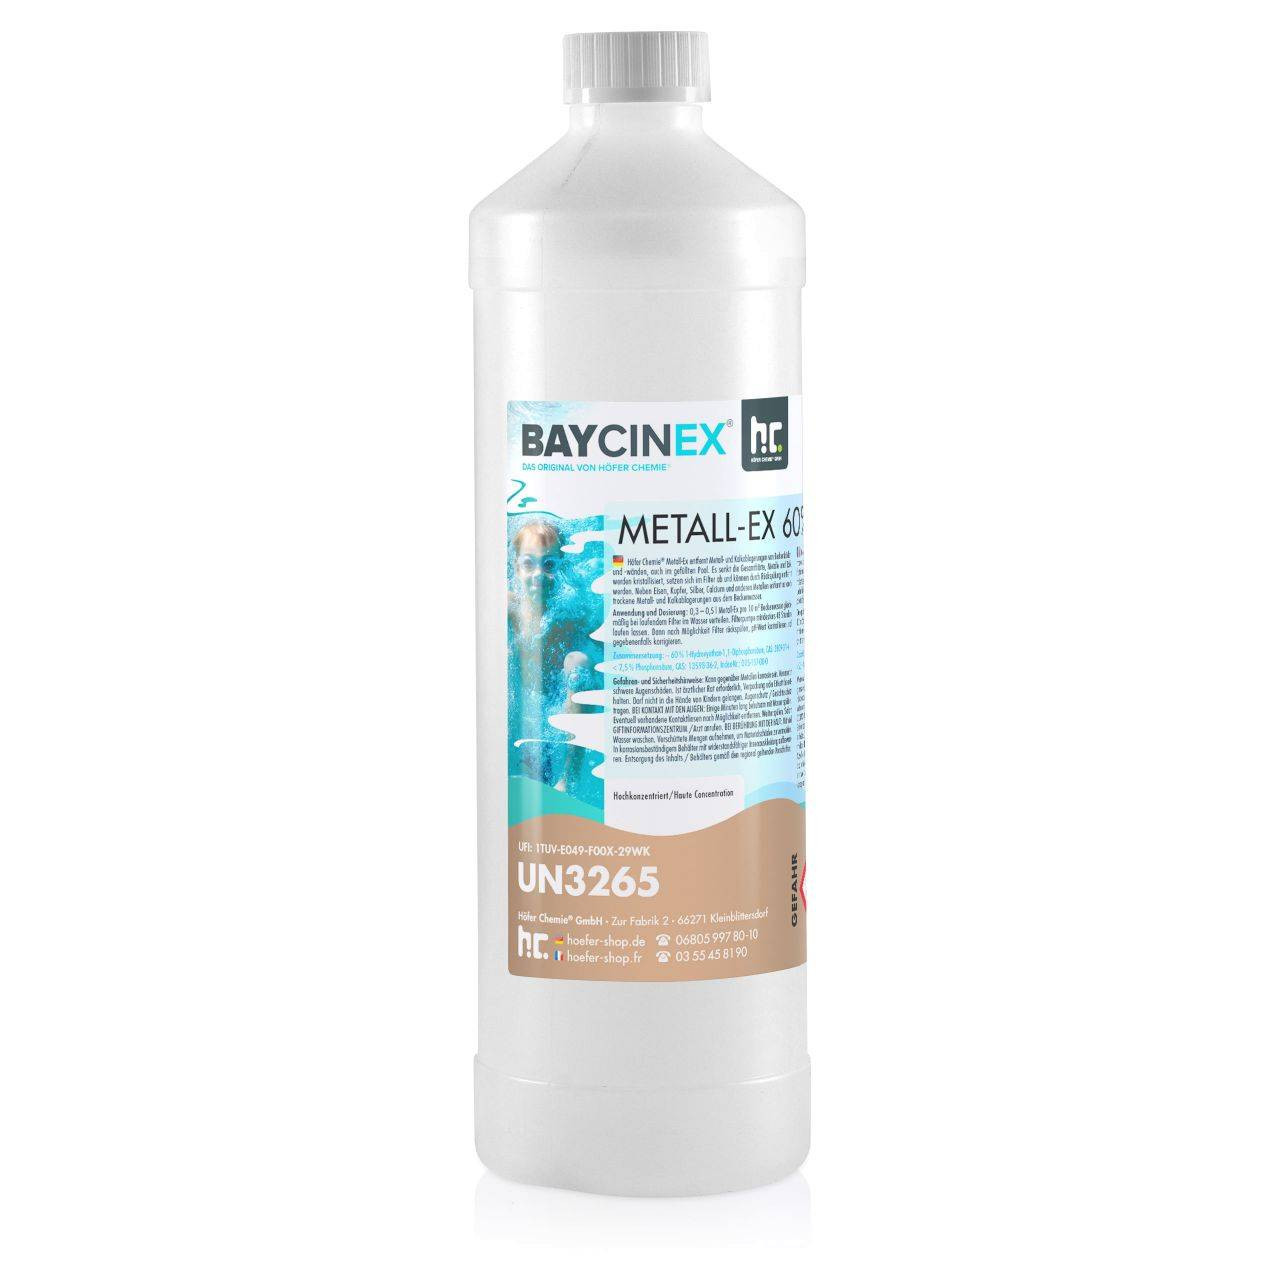 Höfer Chemie 3 l BAYCINEX® Séquestrant Métaux Anti-Métaux (3 x 1 l)